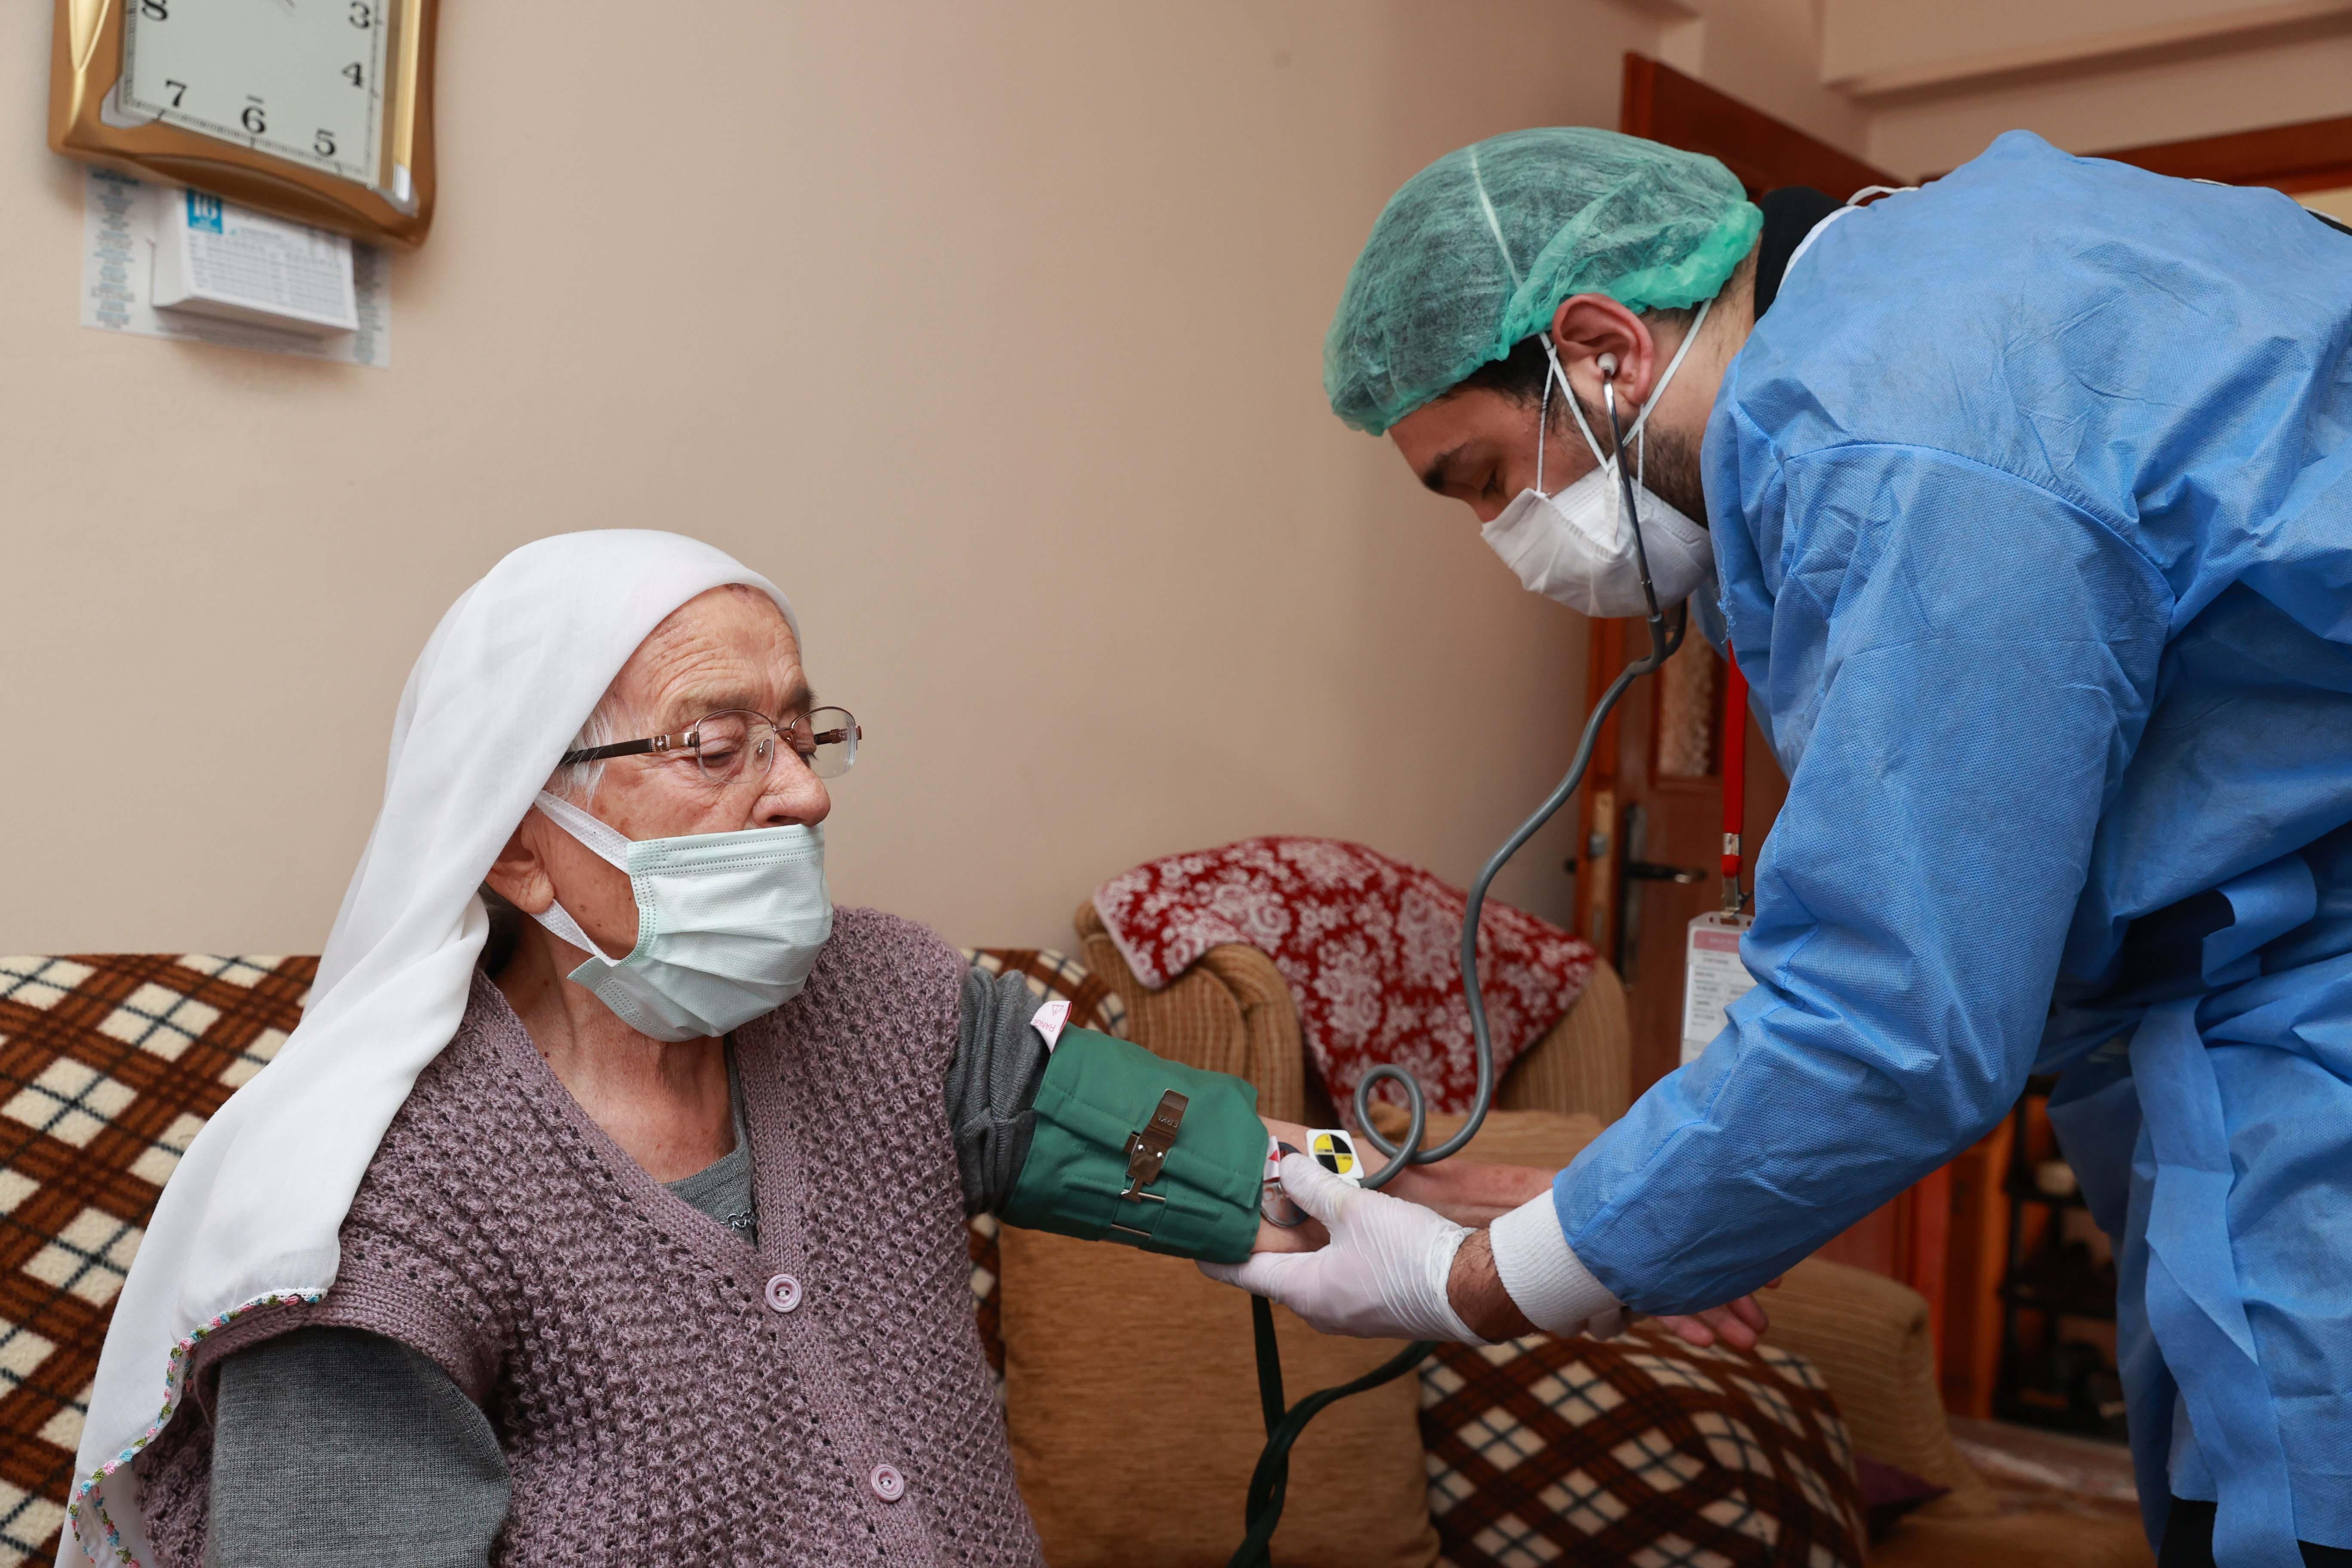 Sağlık Bakanlığı açıkladı: 90 yaş ve üzerinin aşılanmasına başlandı